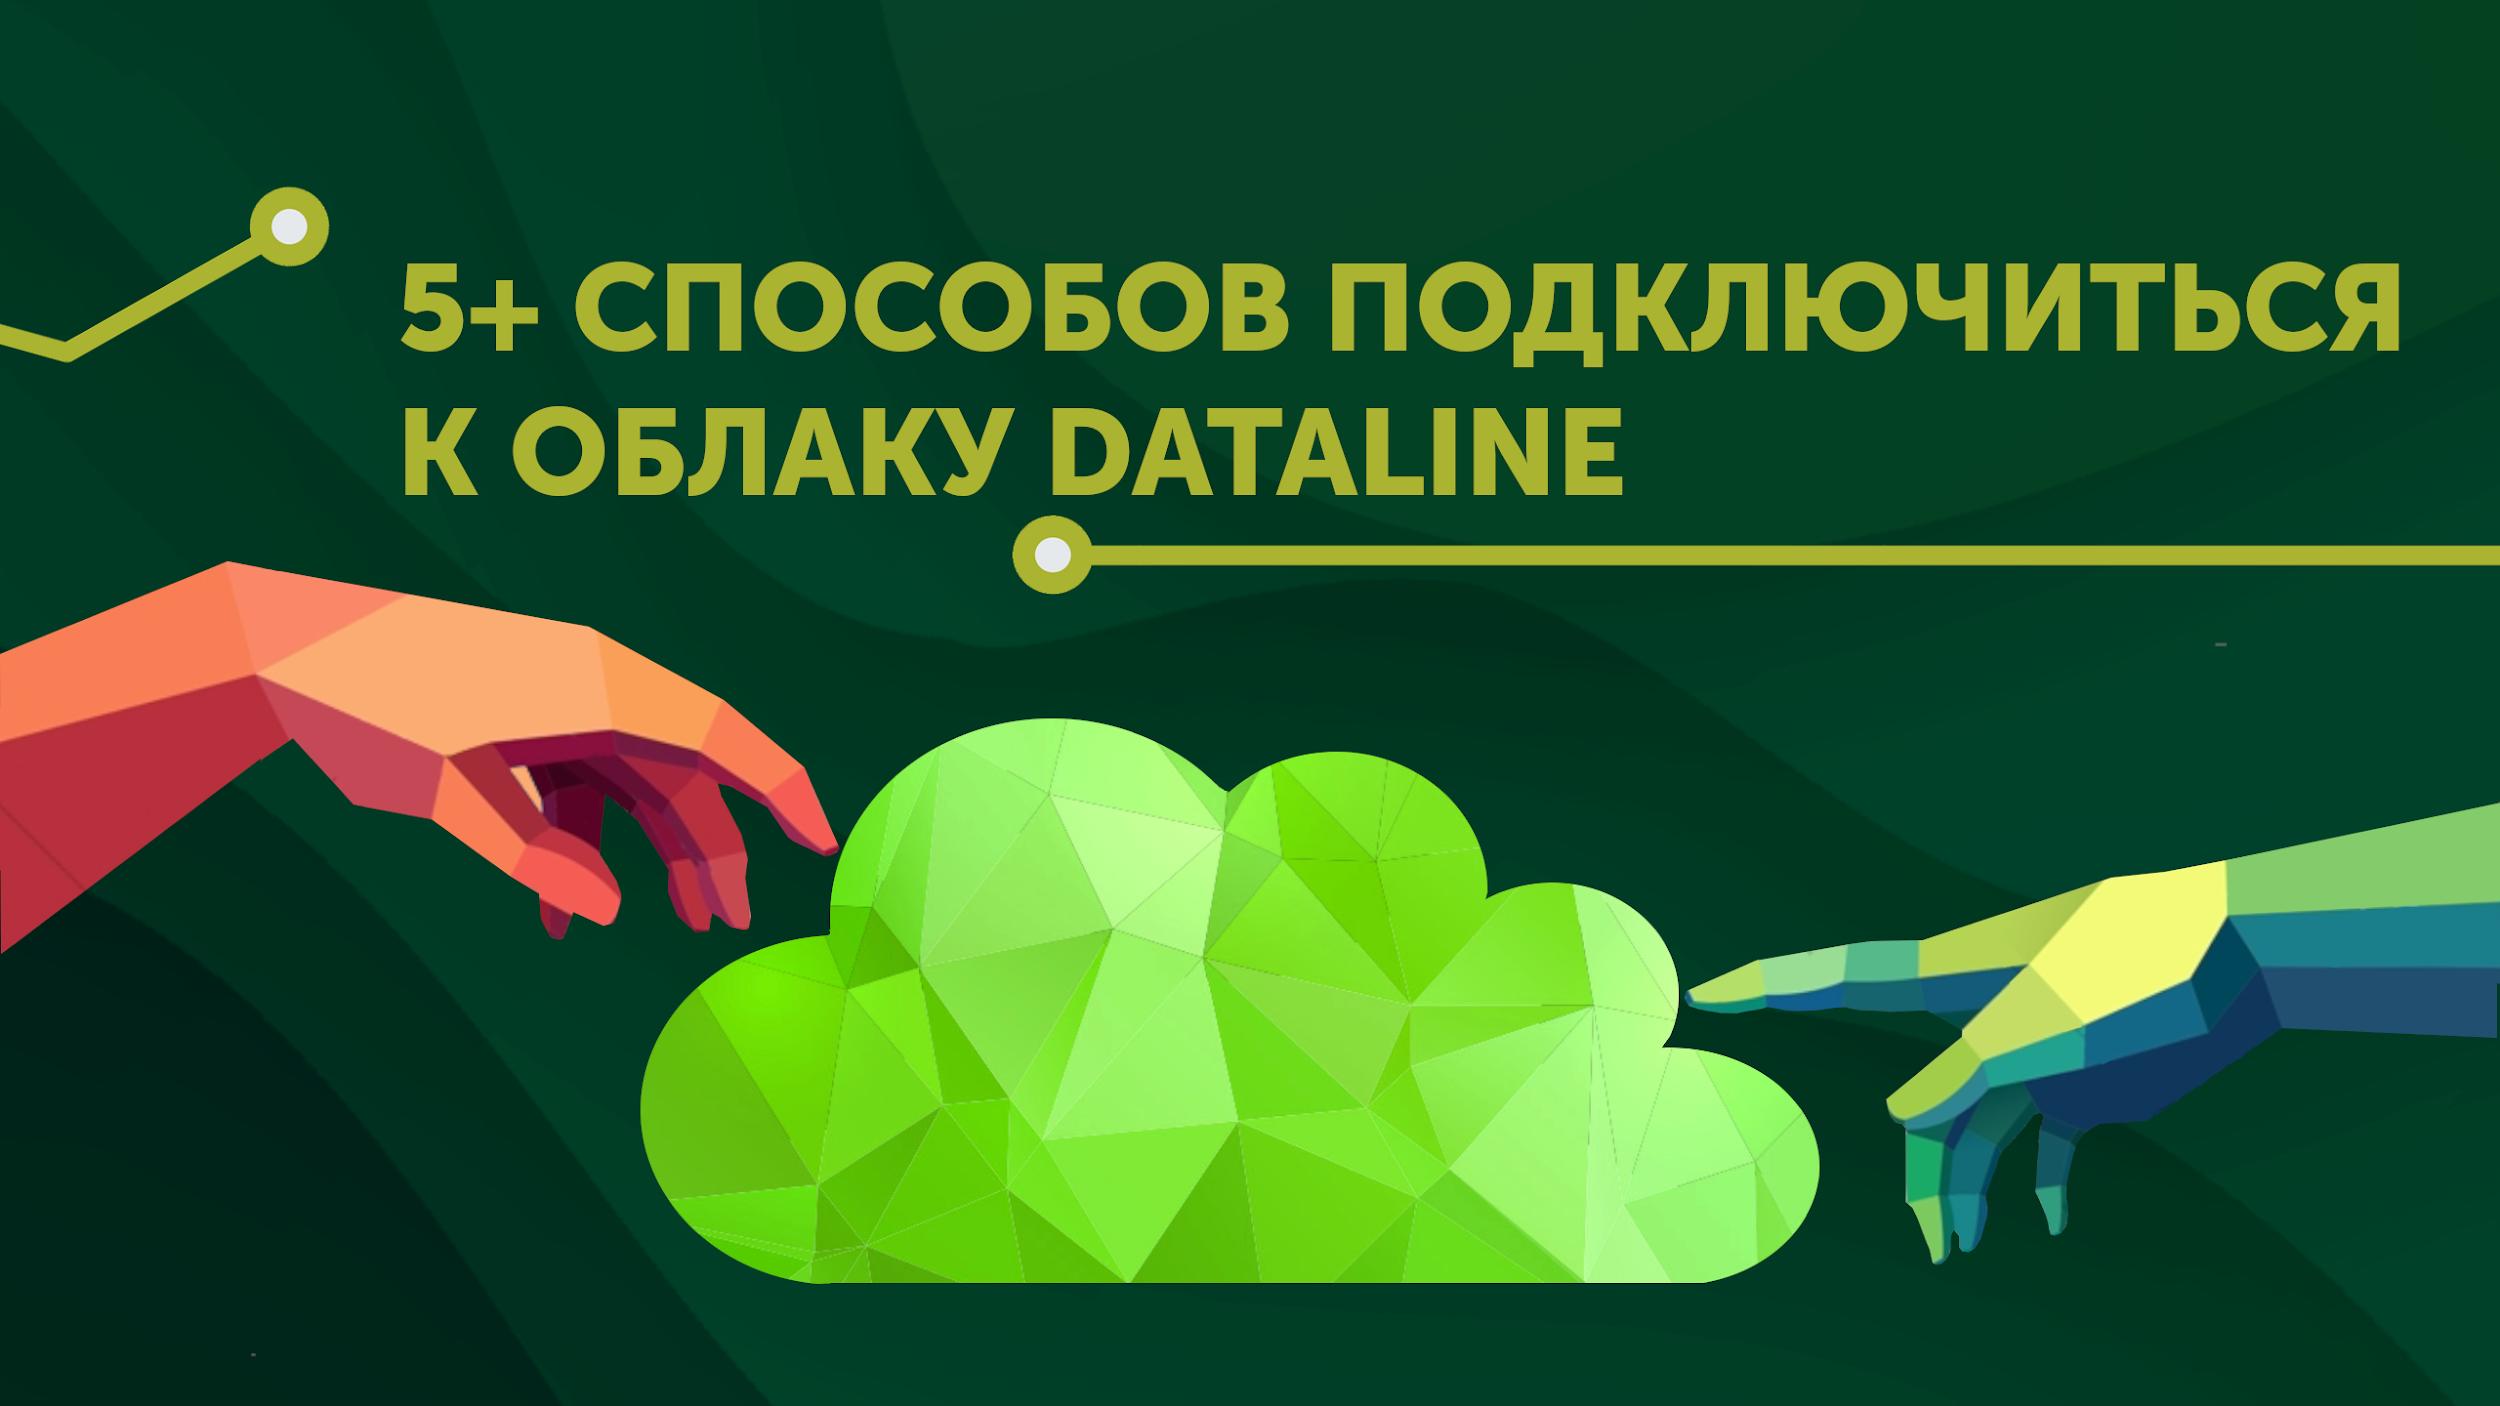 5+ способов подключиться к облаку DataLine